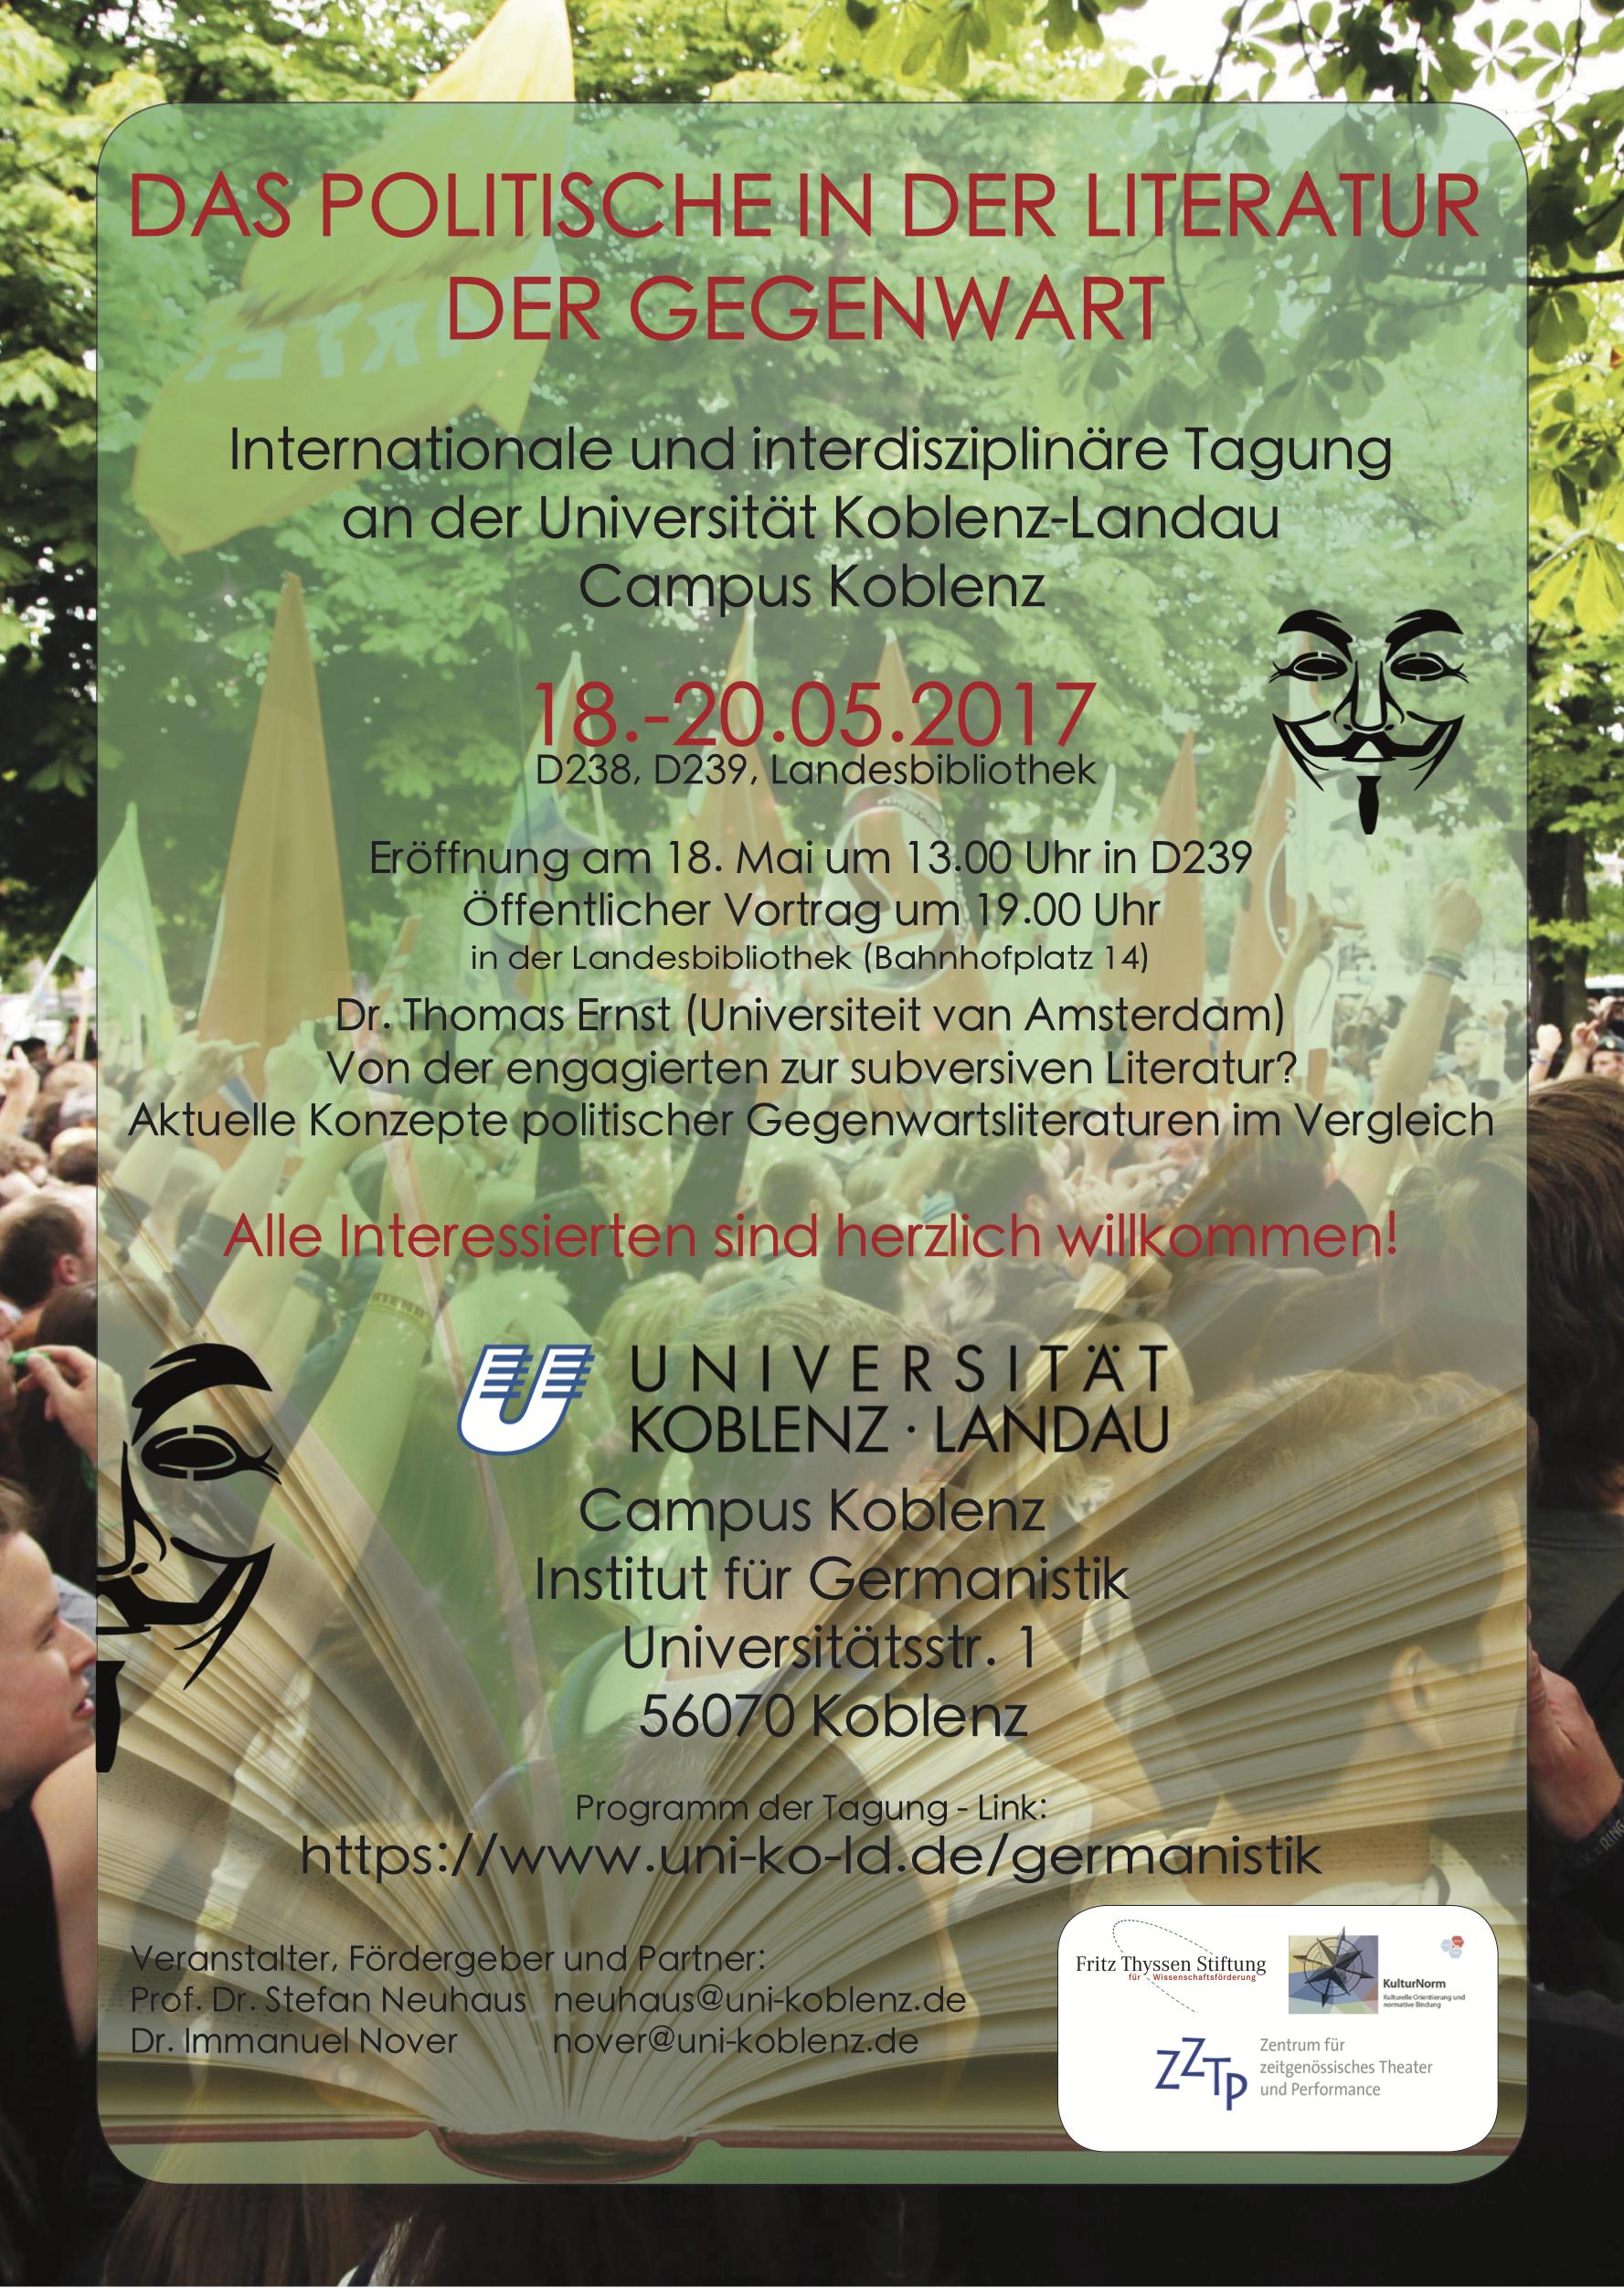 Tagung: Das Politische in der Literatur der Gegenwart